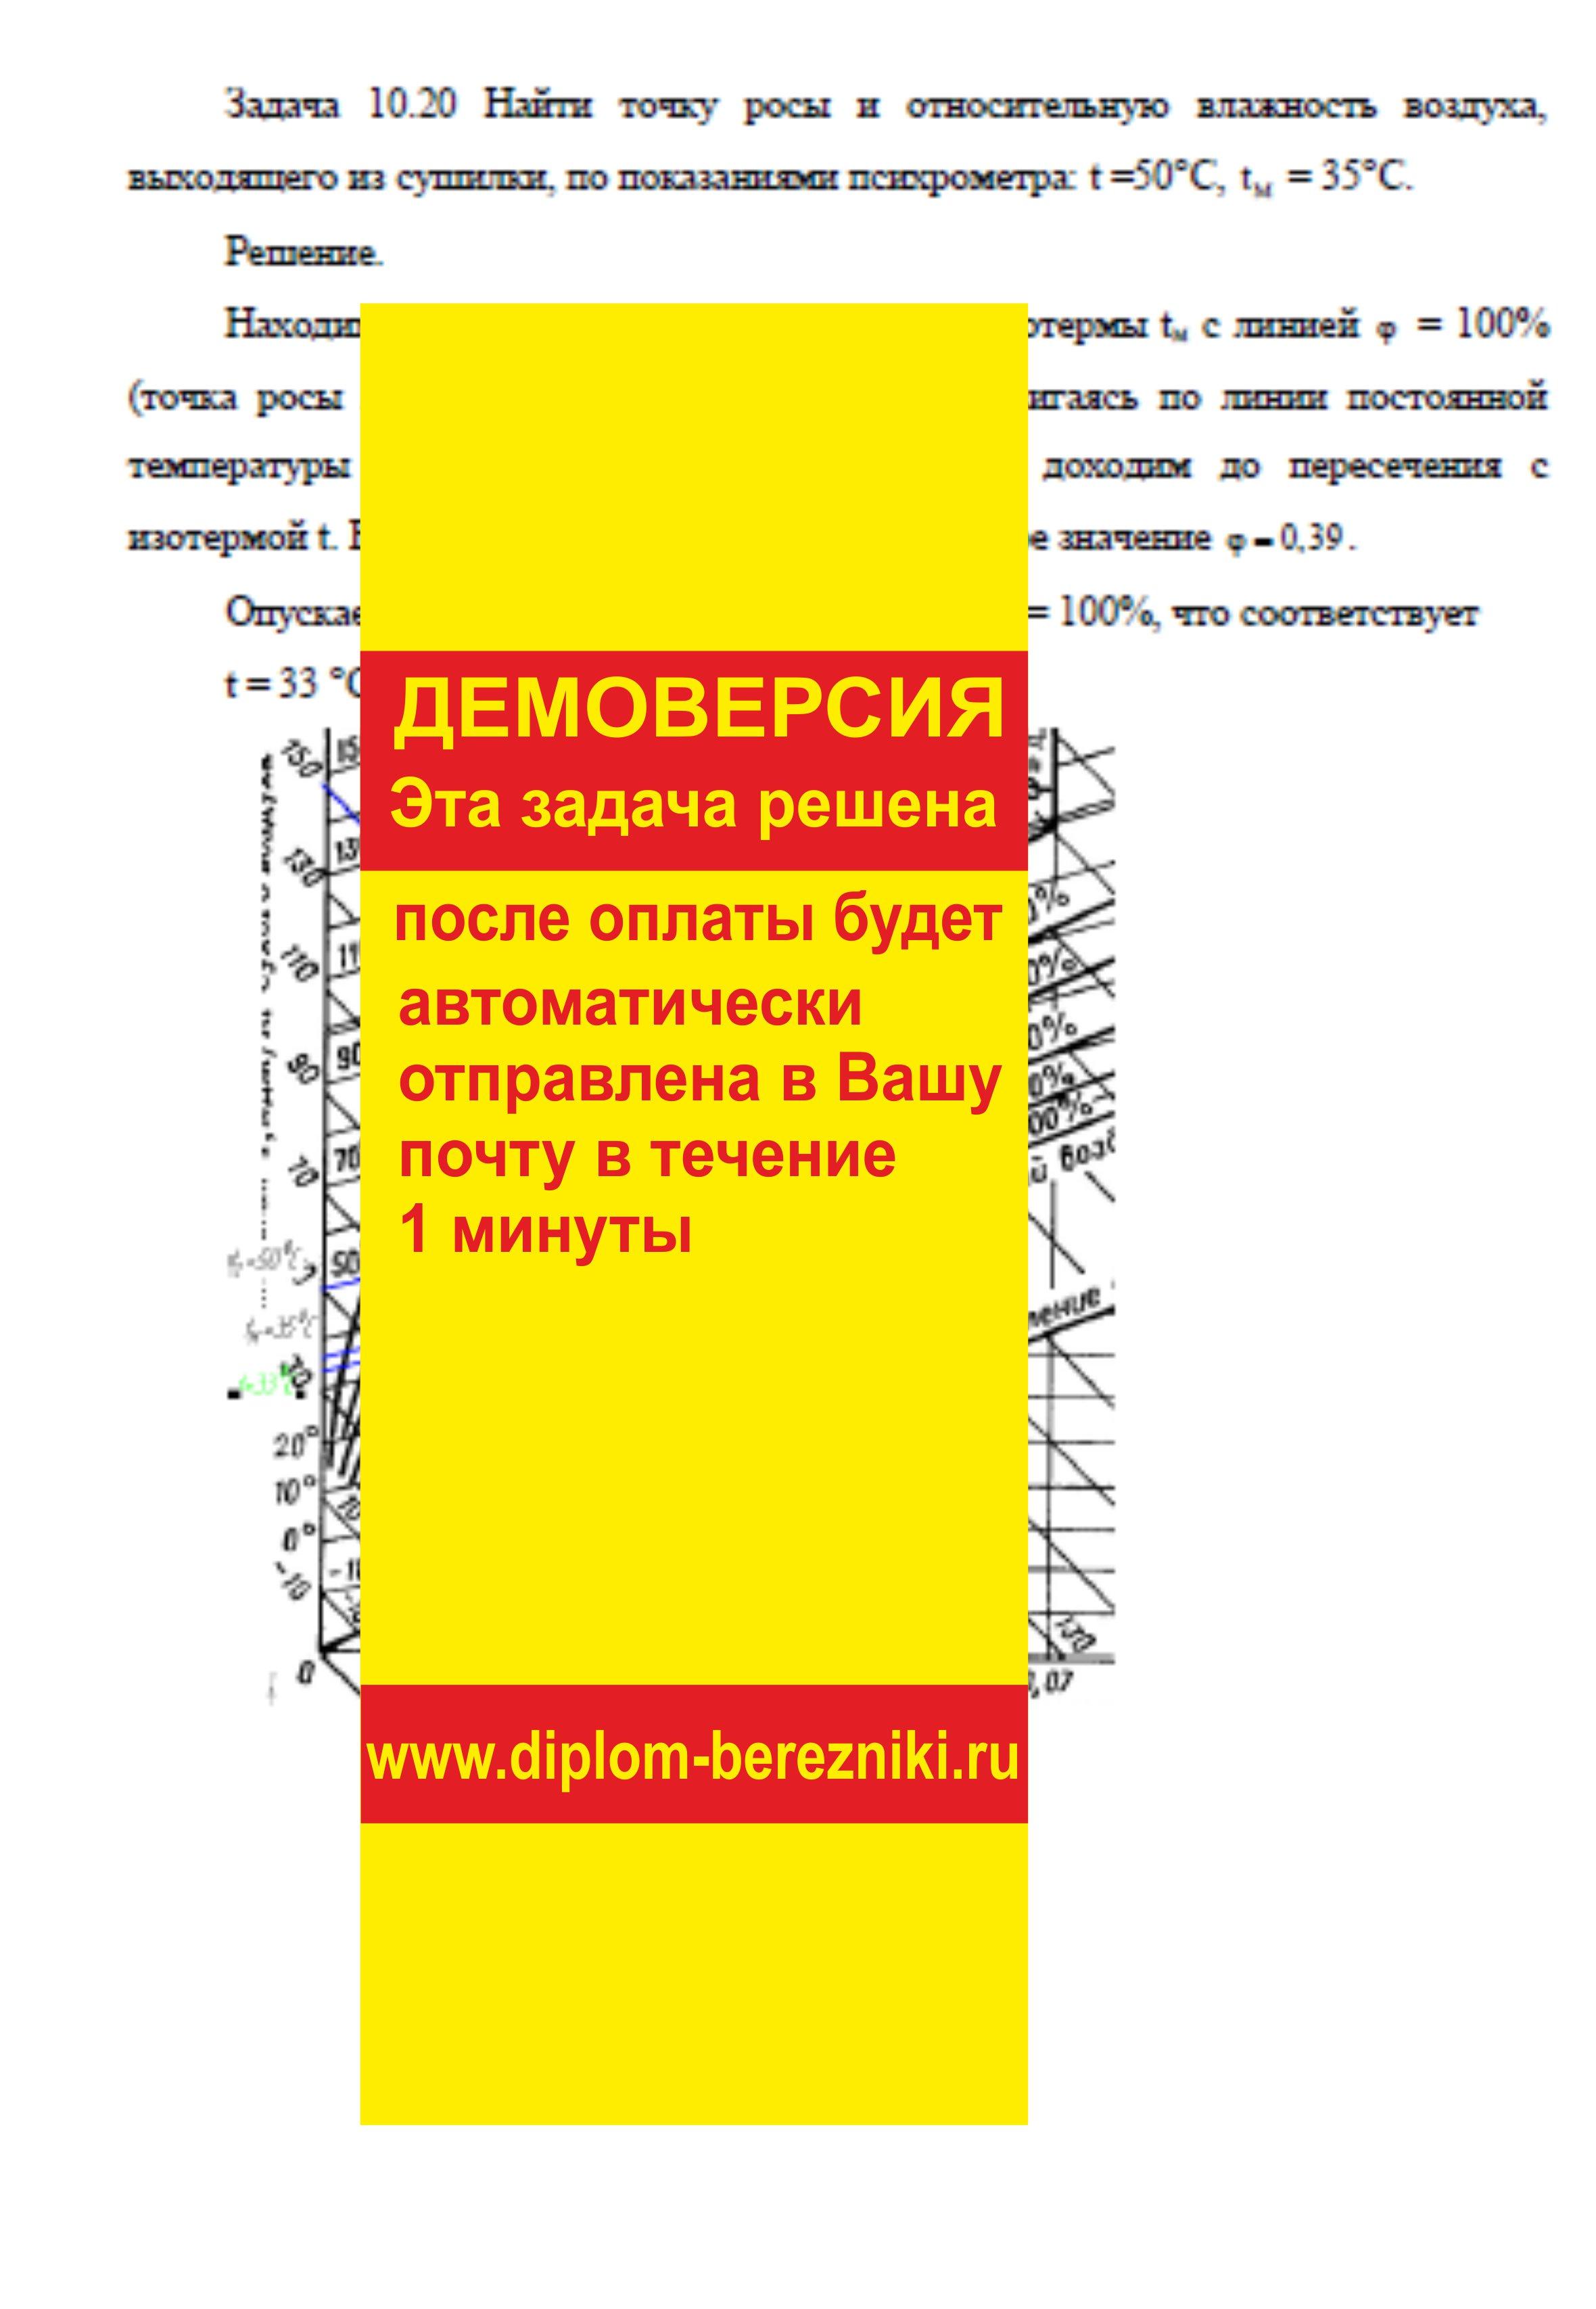 Решение задачи 10.20 по ПАХТ из задачника Павлова Романкова Носкова